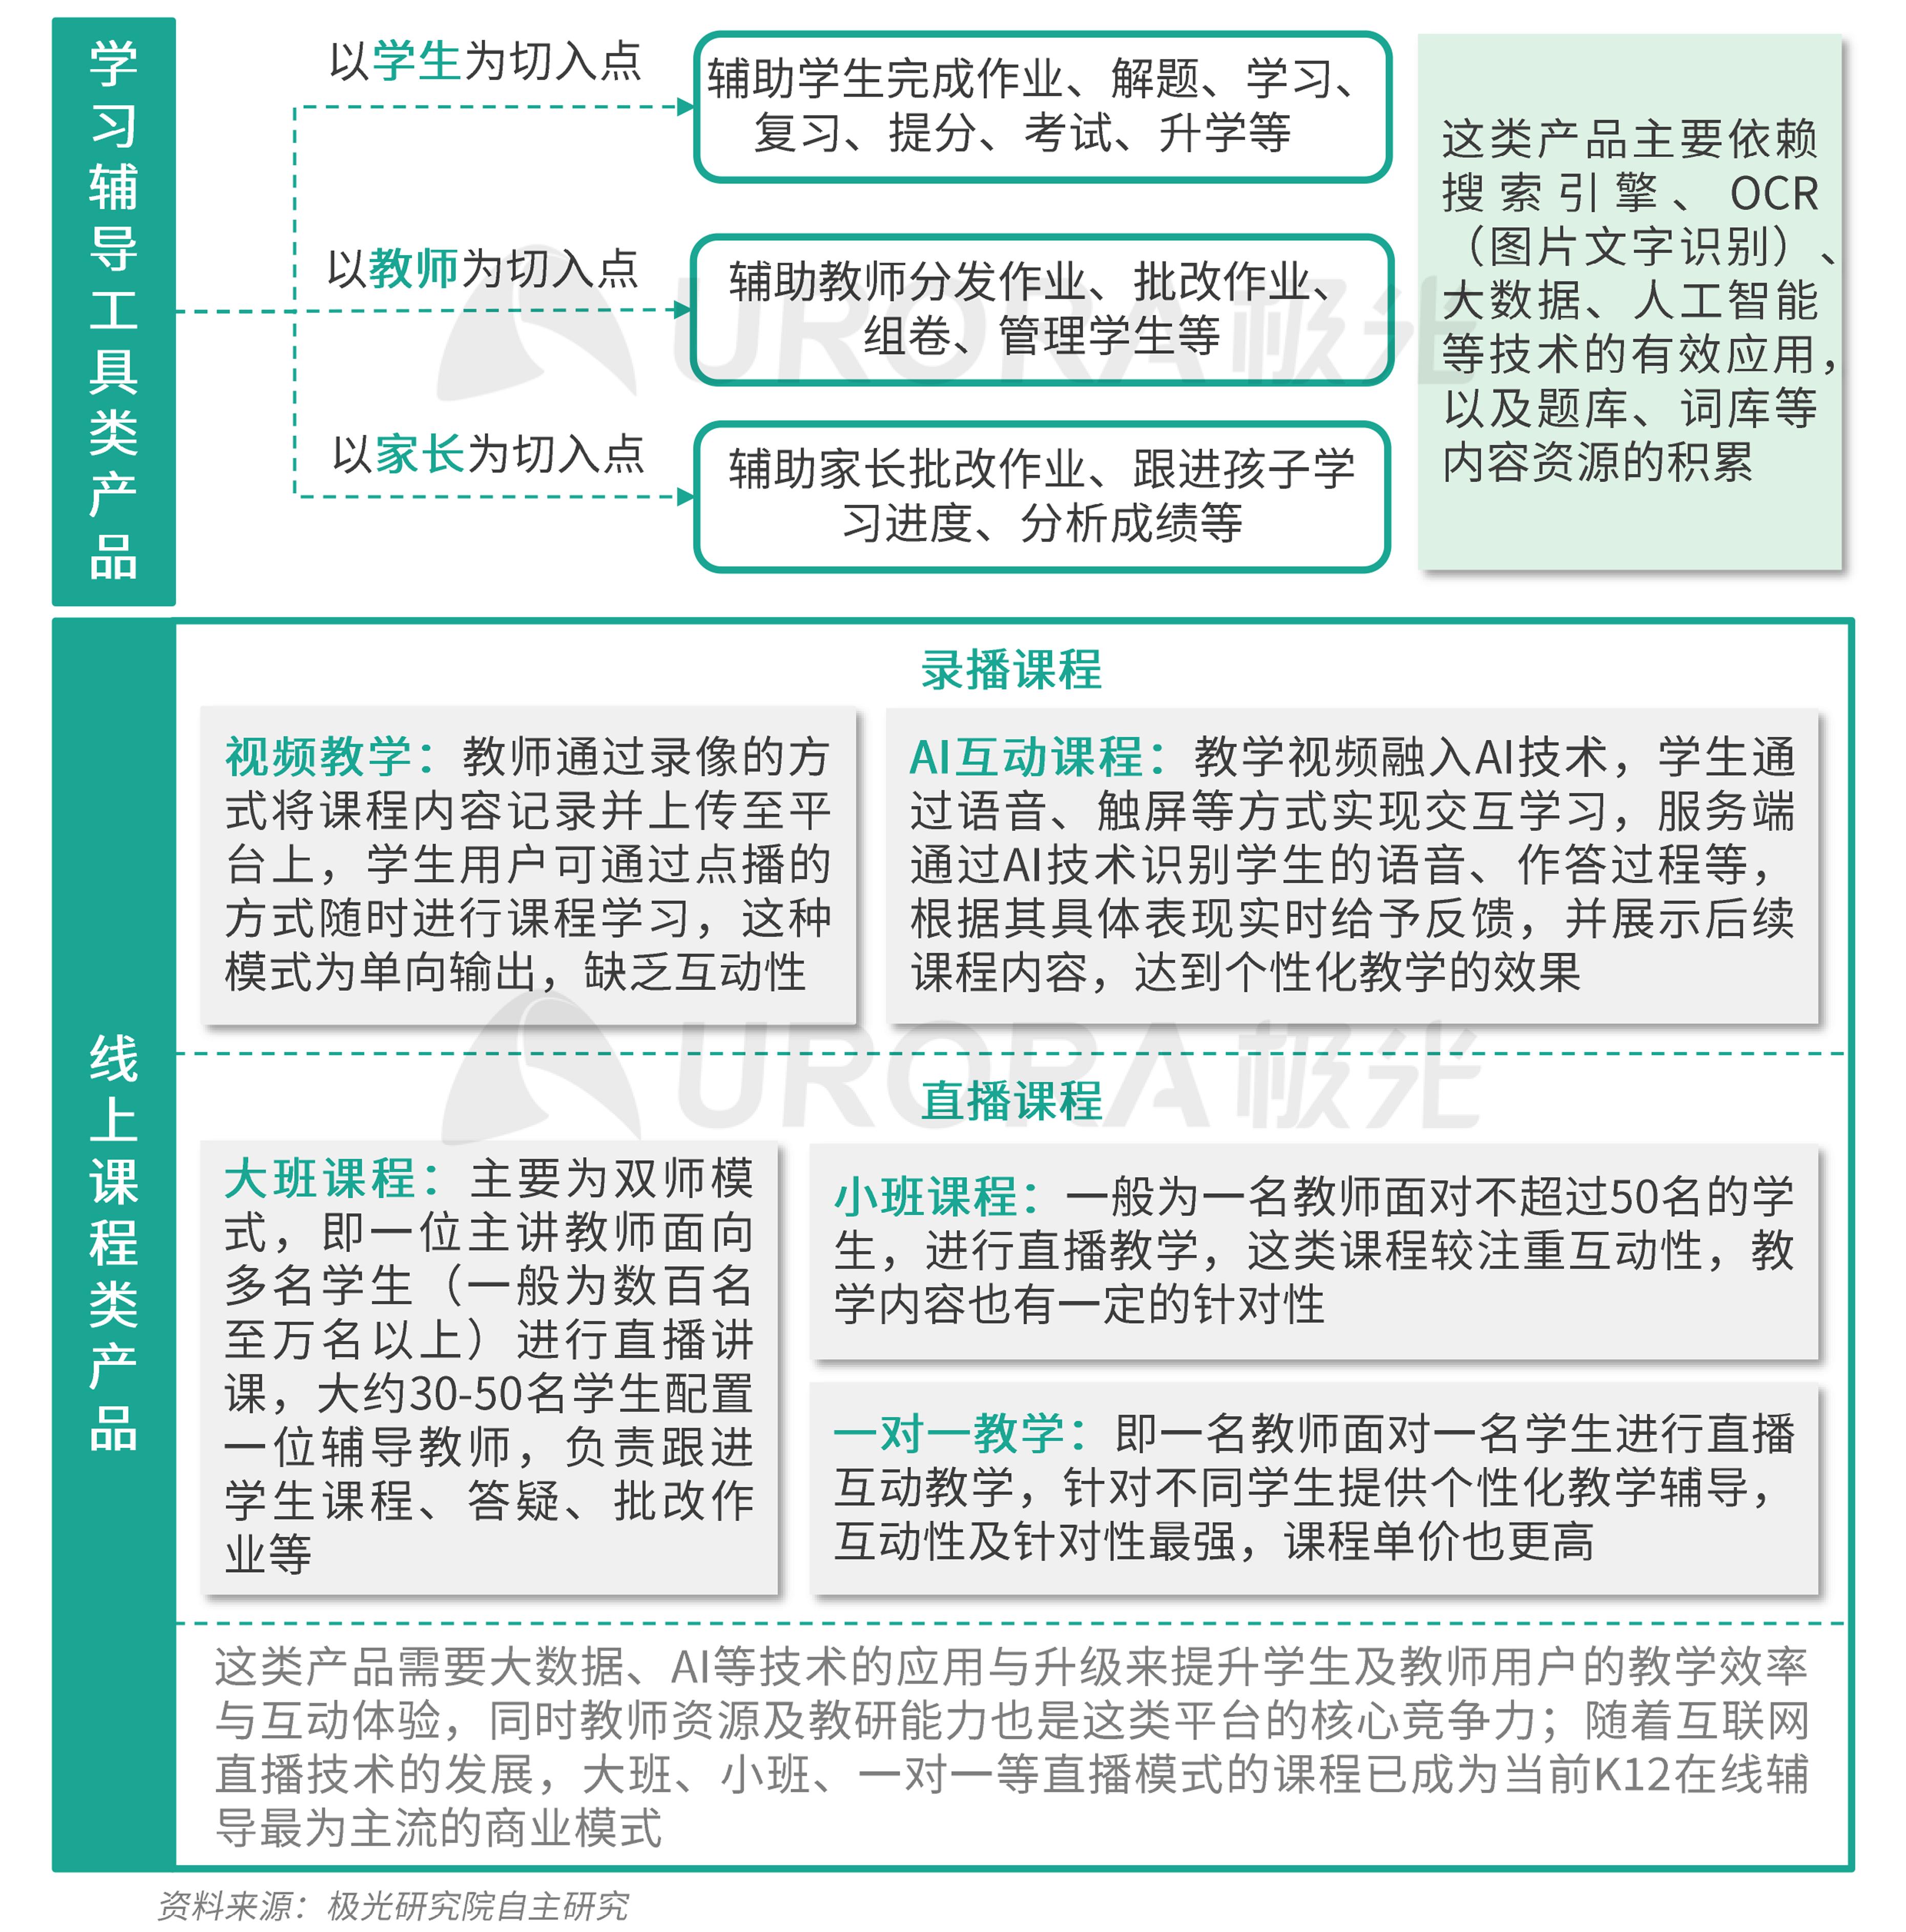 极光:K12教育报告 (3).png